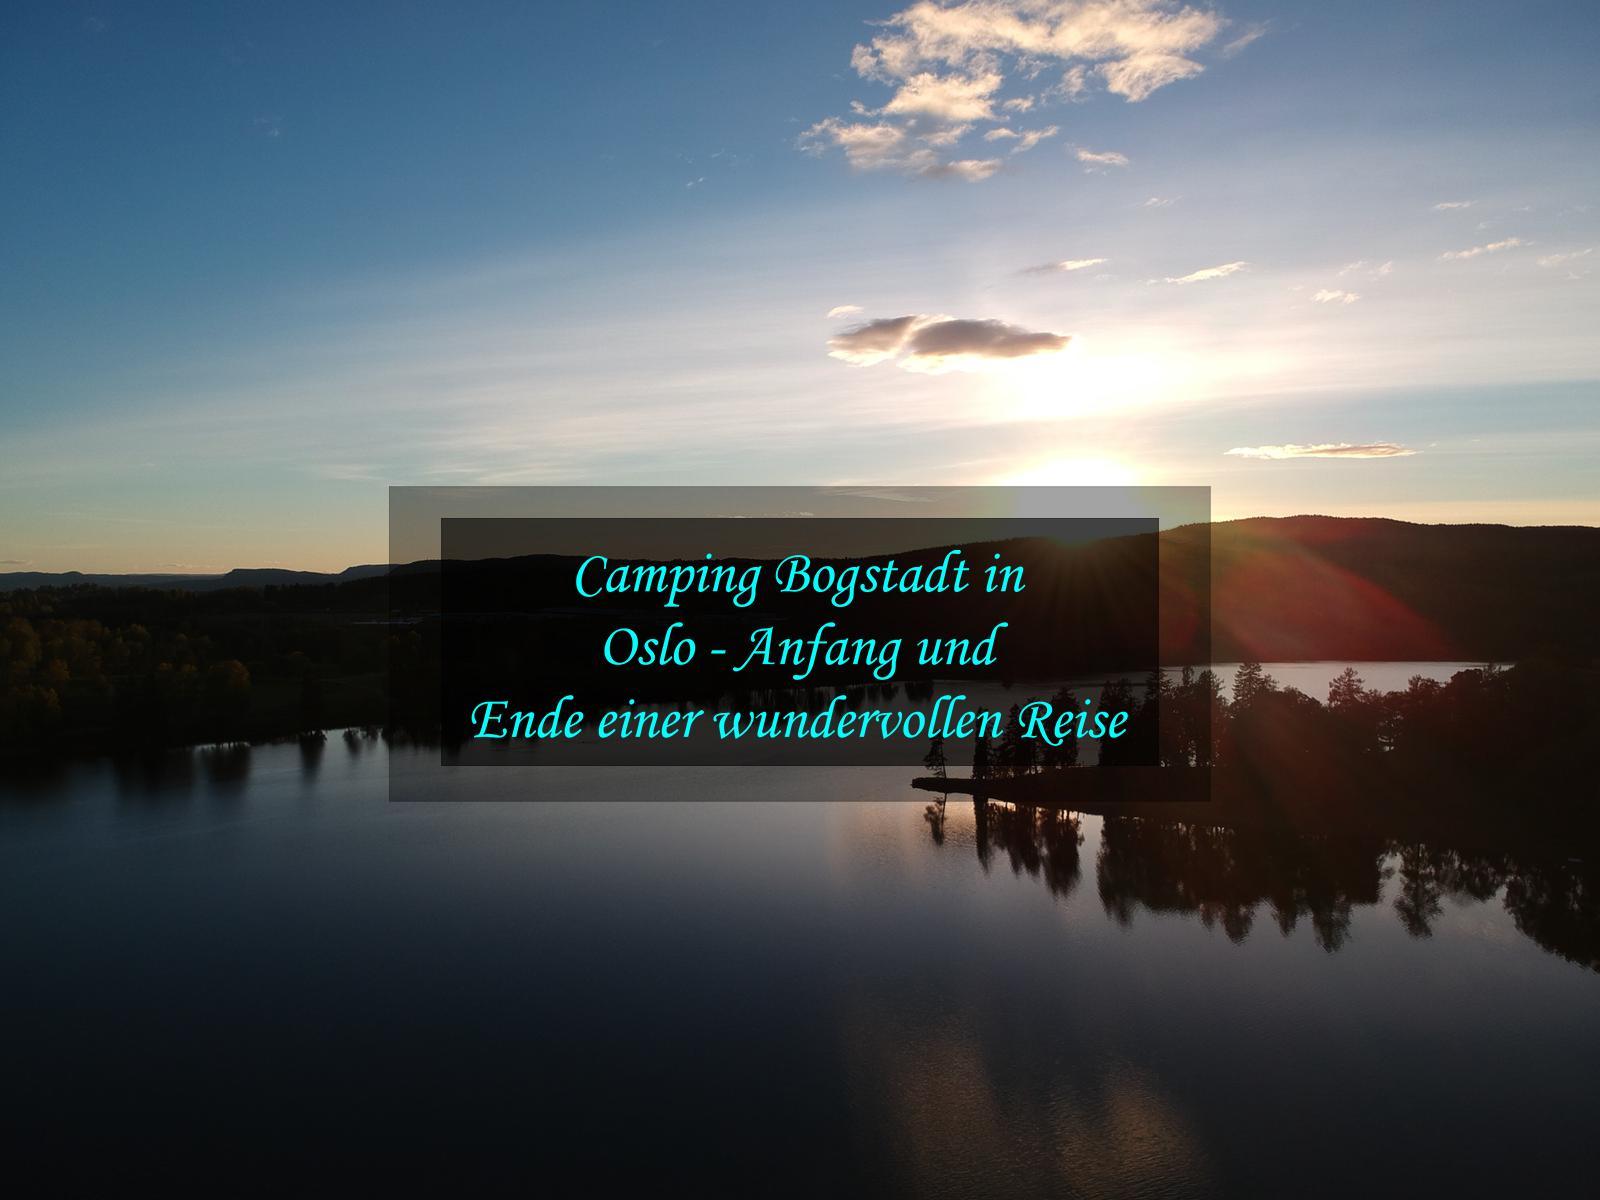 Camping Bogstad bei Oslo – Anfang und Ende einer wundervollen Reise